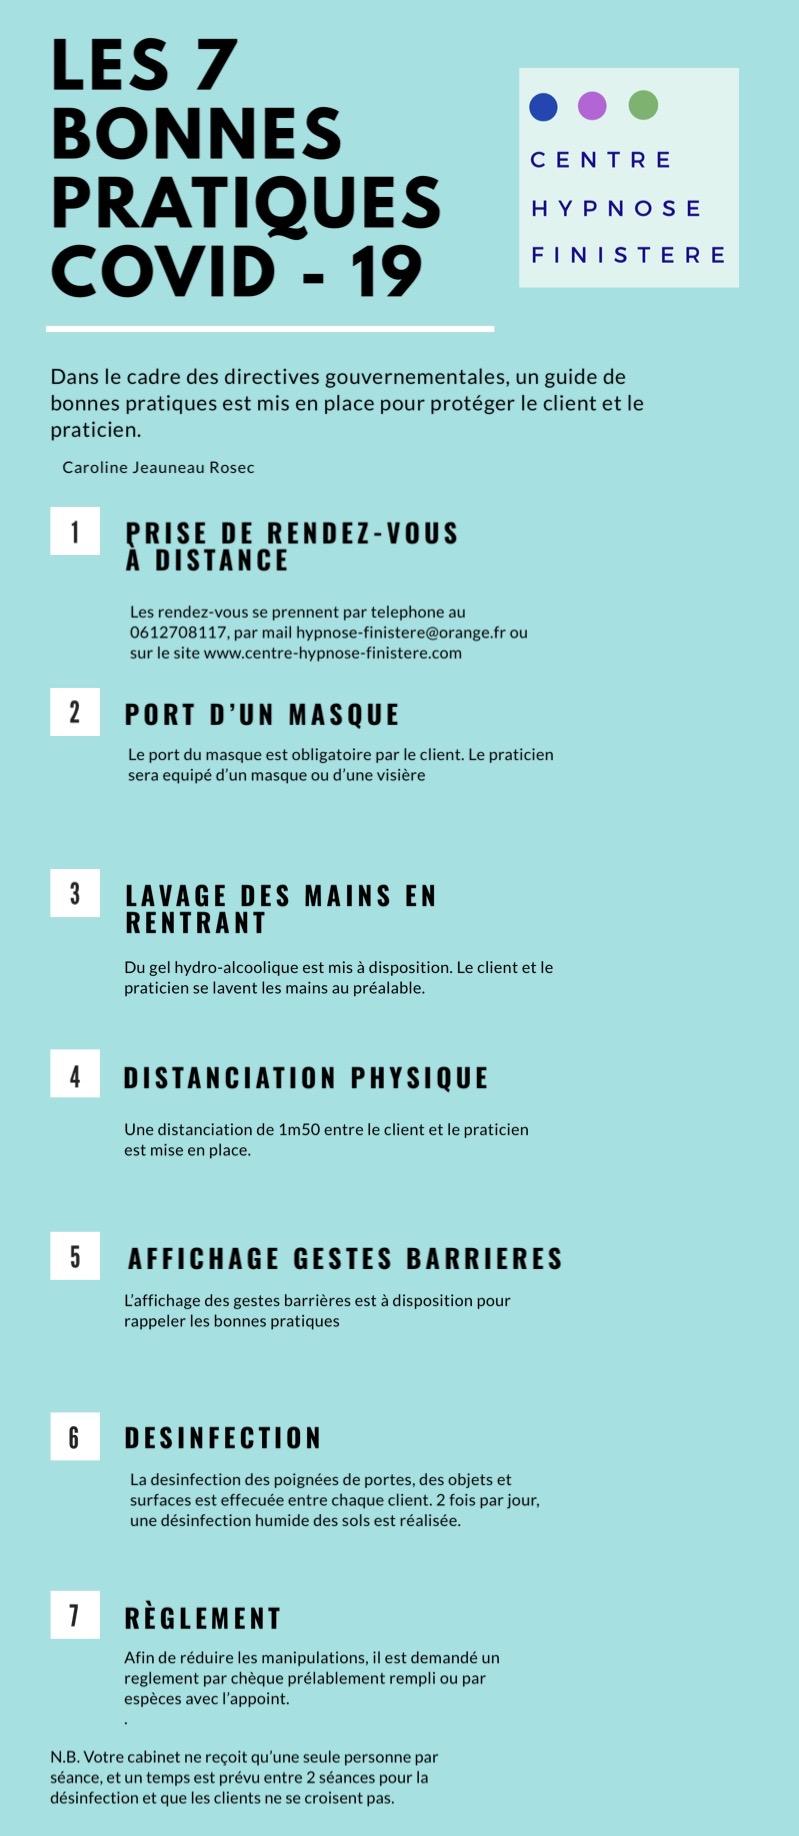 Les 7 bonnes pratiques COvid - 19